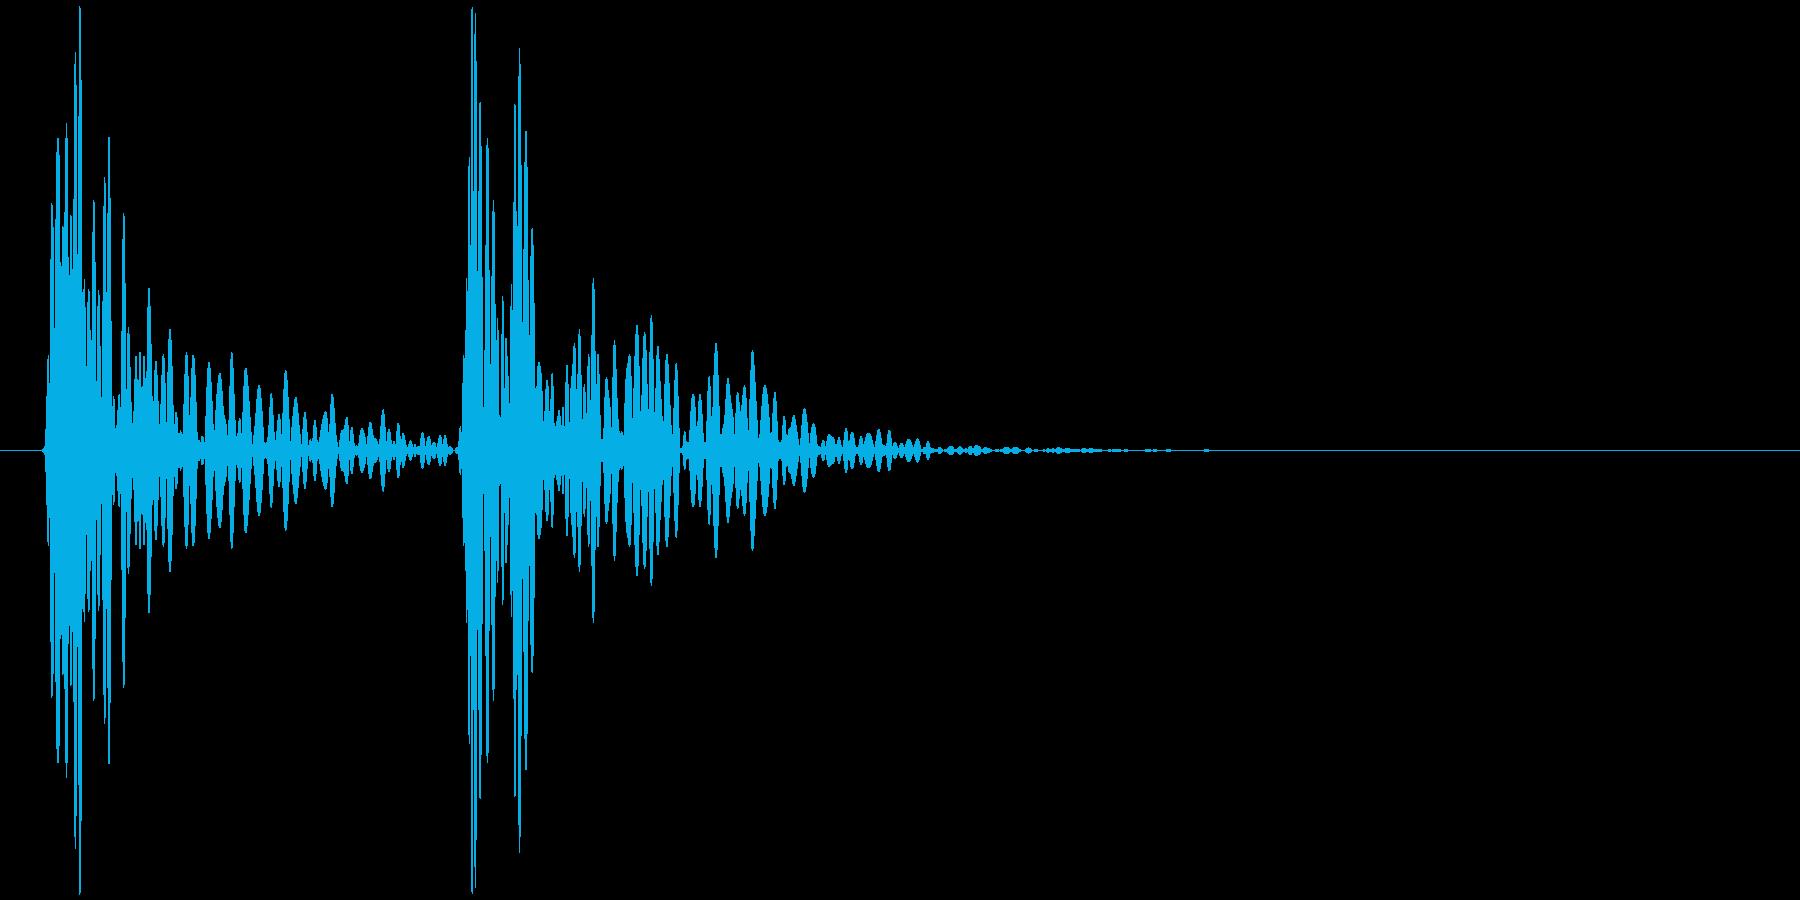 ドクンドクン(心臓の鼓動)の再生済みの波形